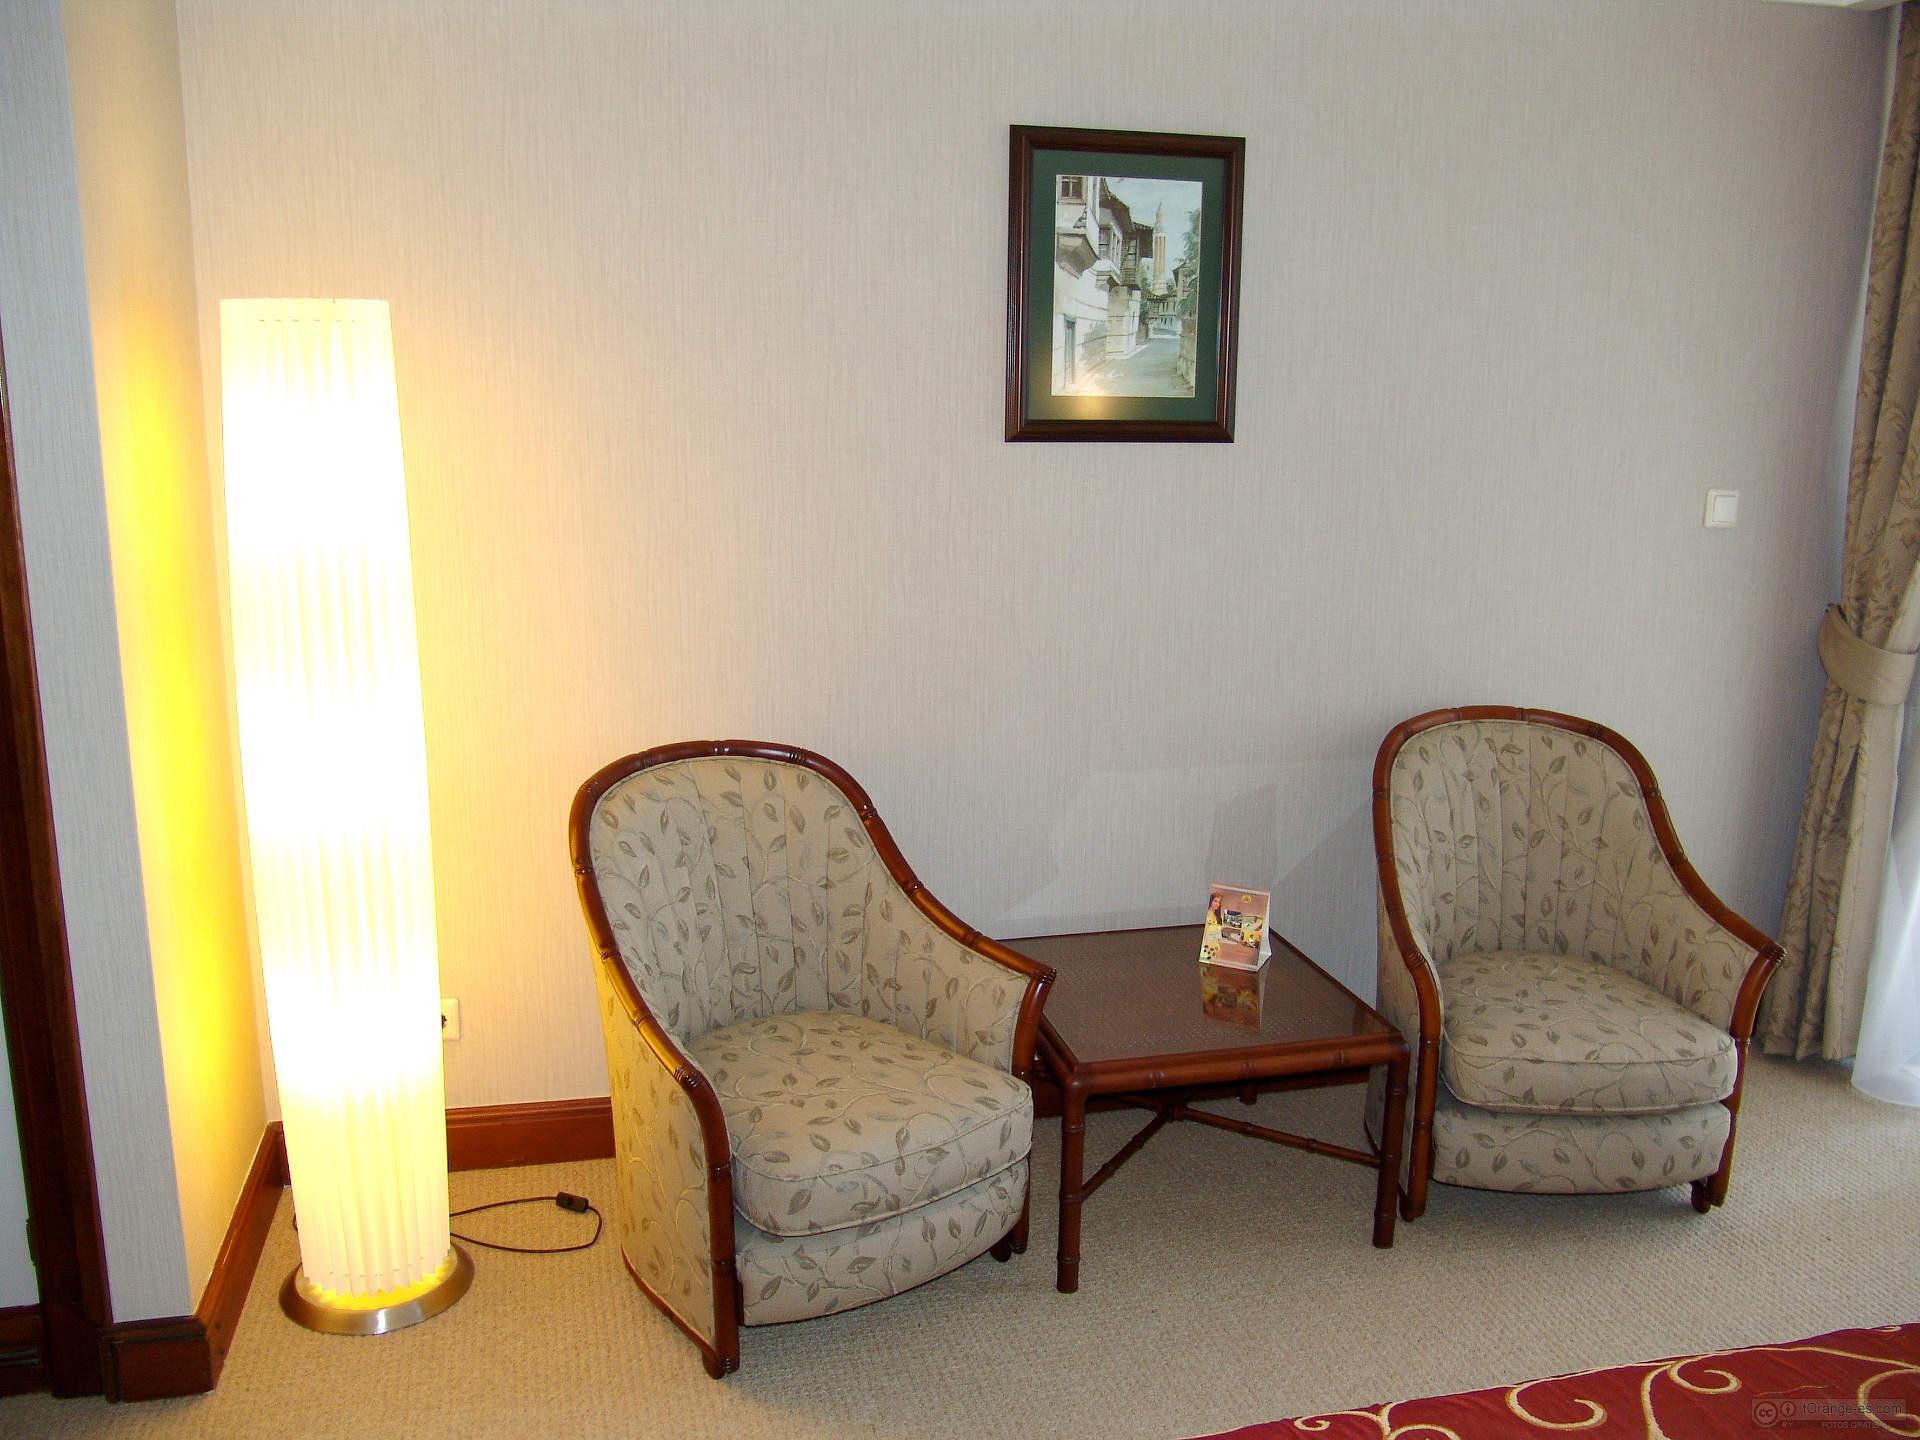 Los muebles más caros para tu casa - Espaciolujo.com